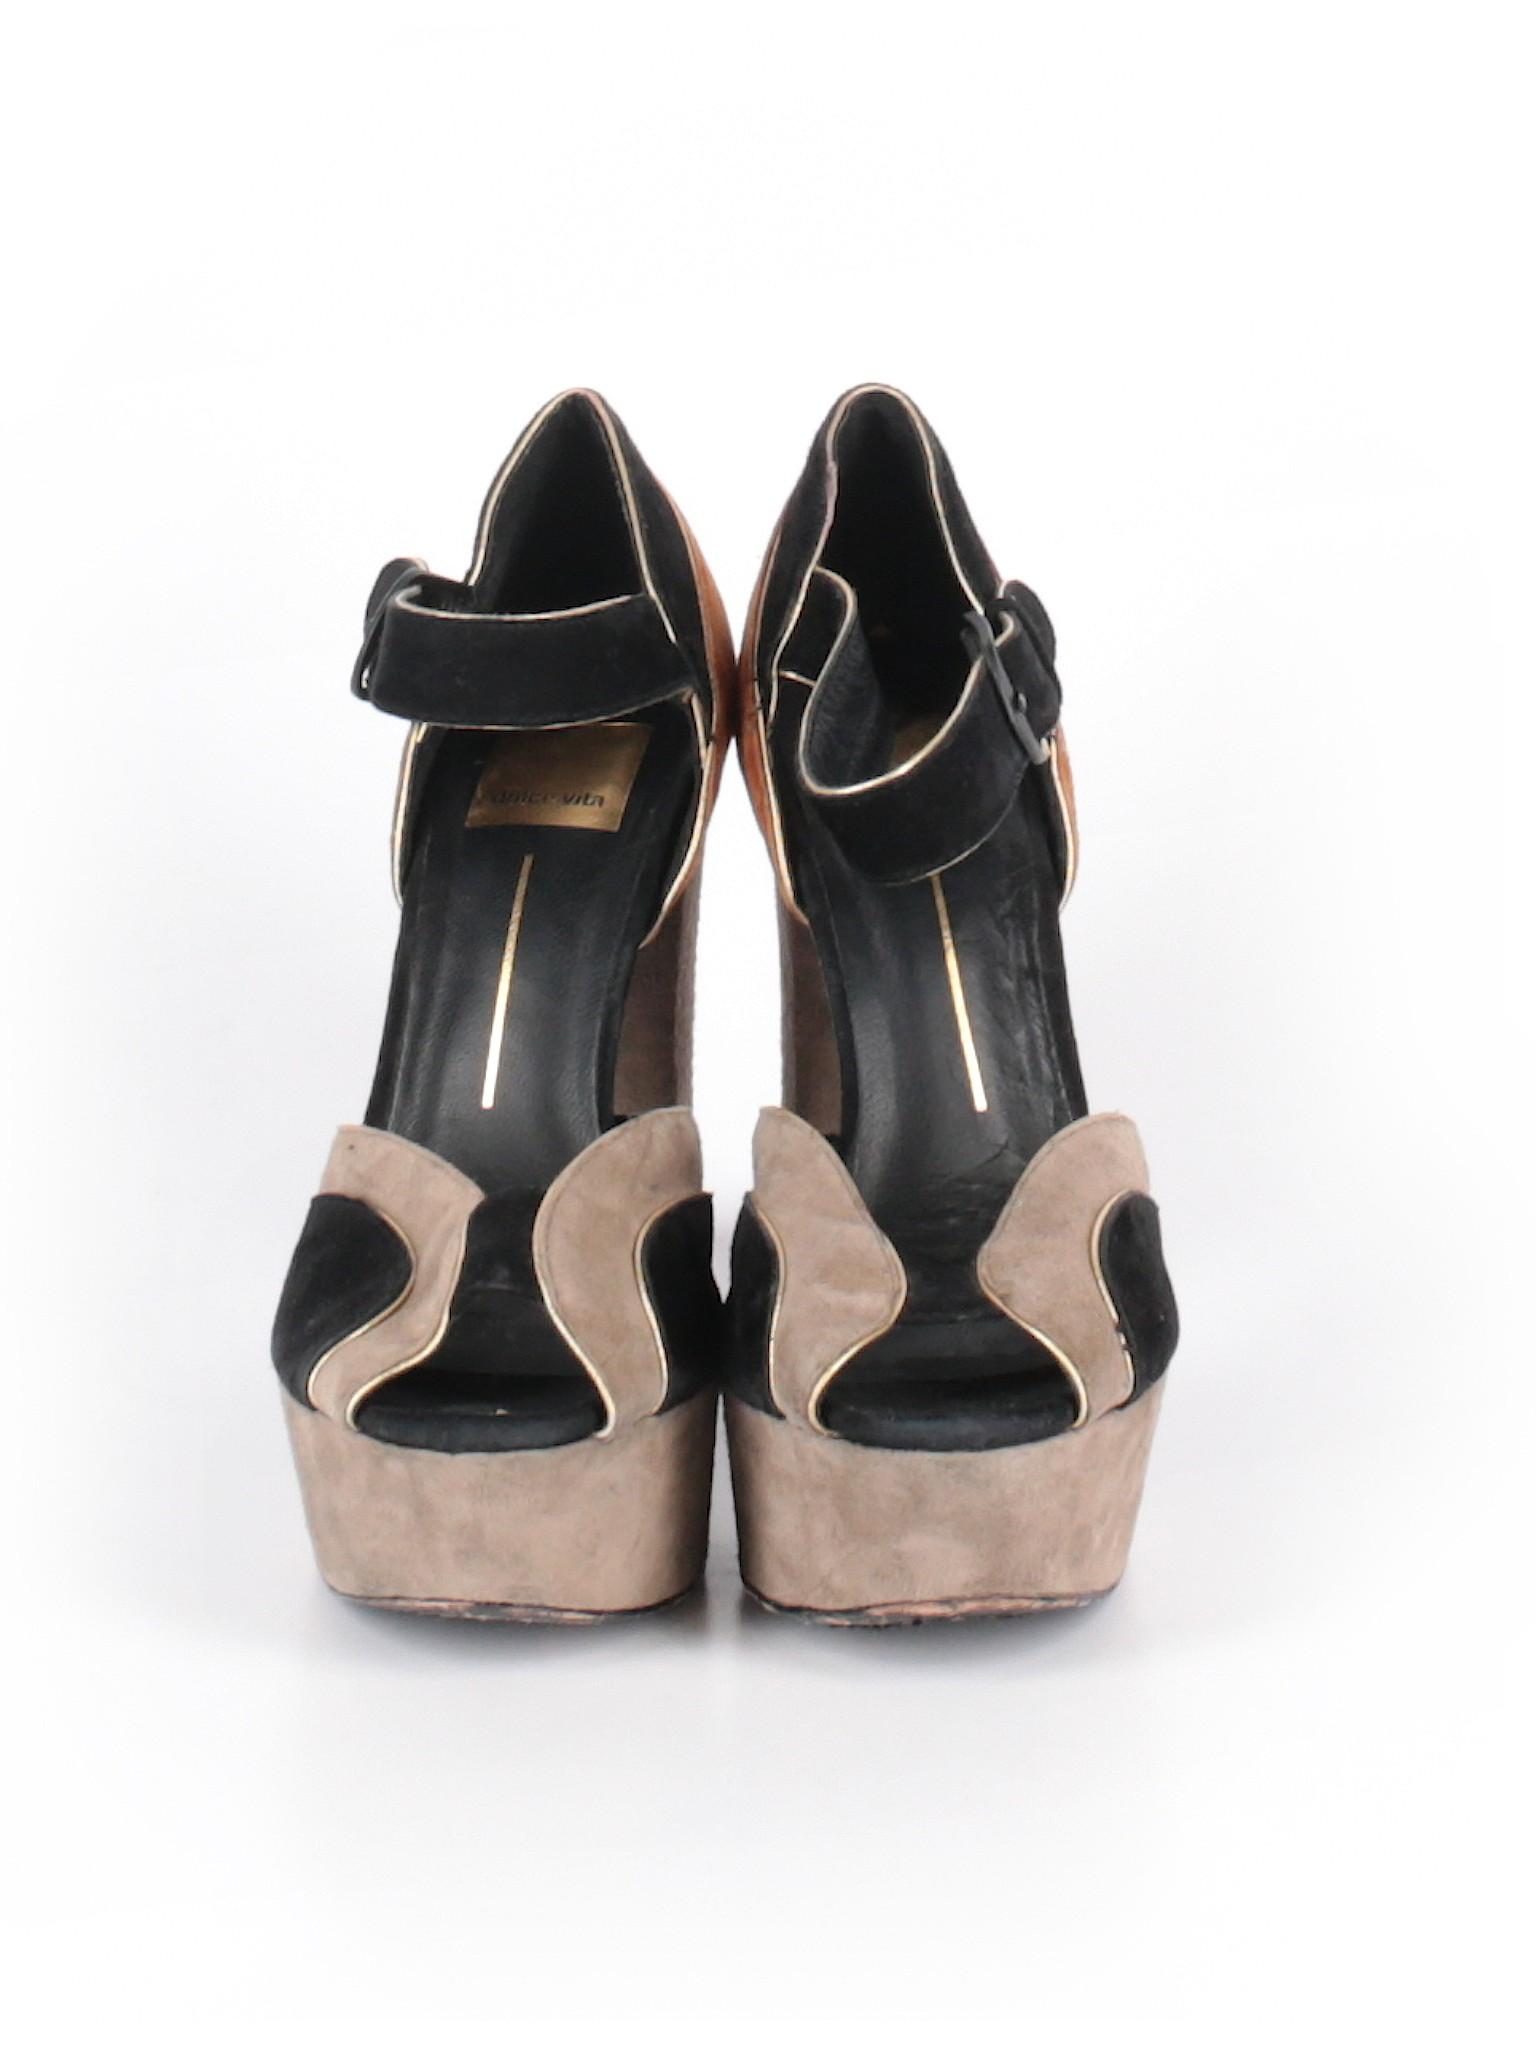 Boutique Heels Boutique promotion promotion Dolce Vita OZ8Xq55x